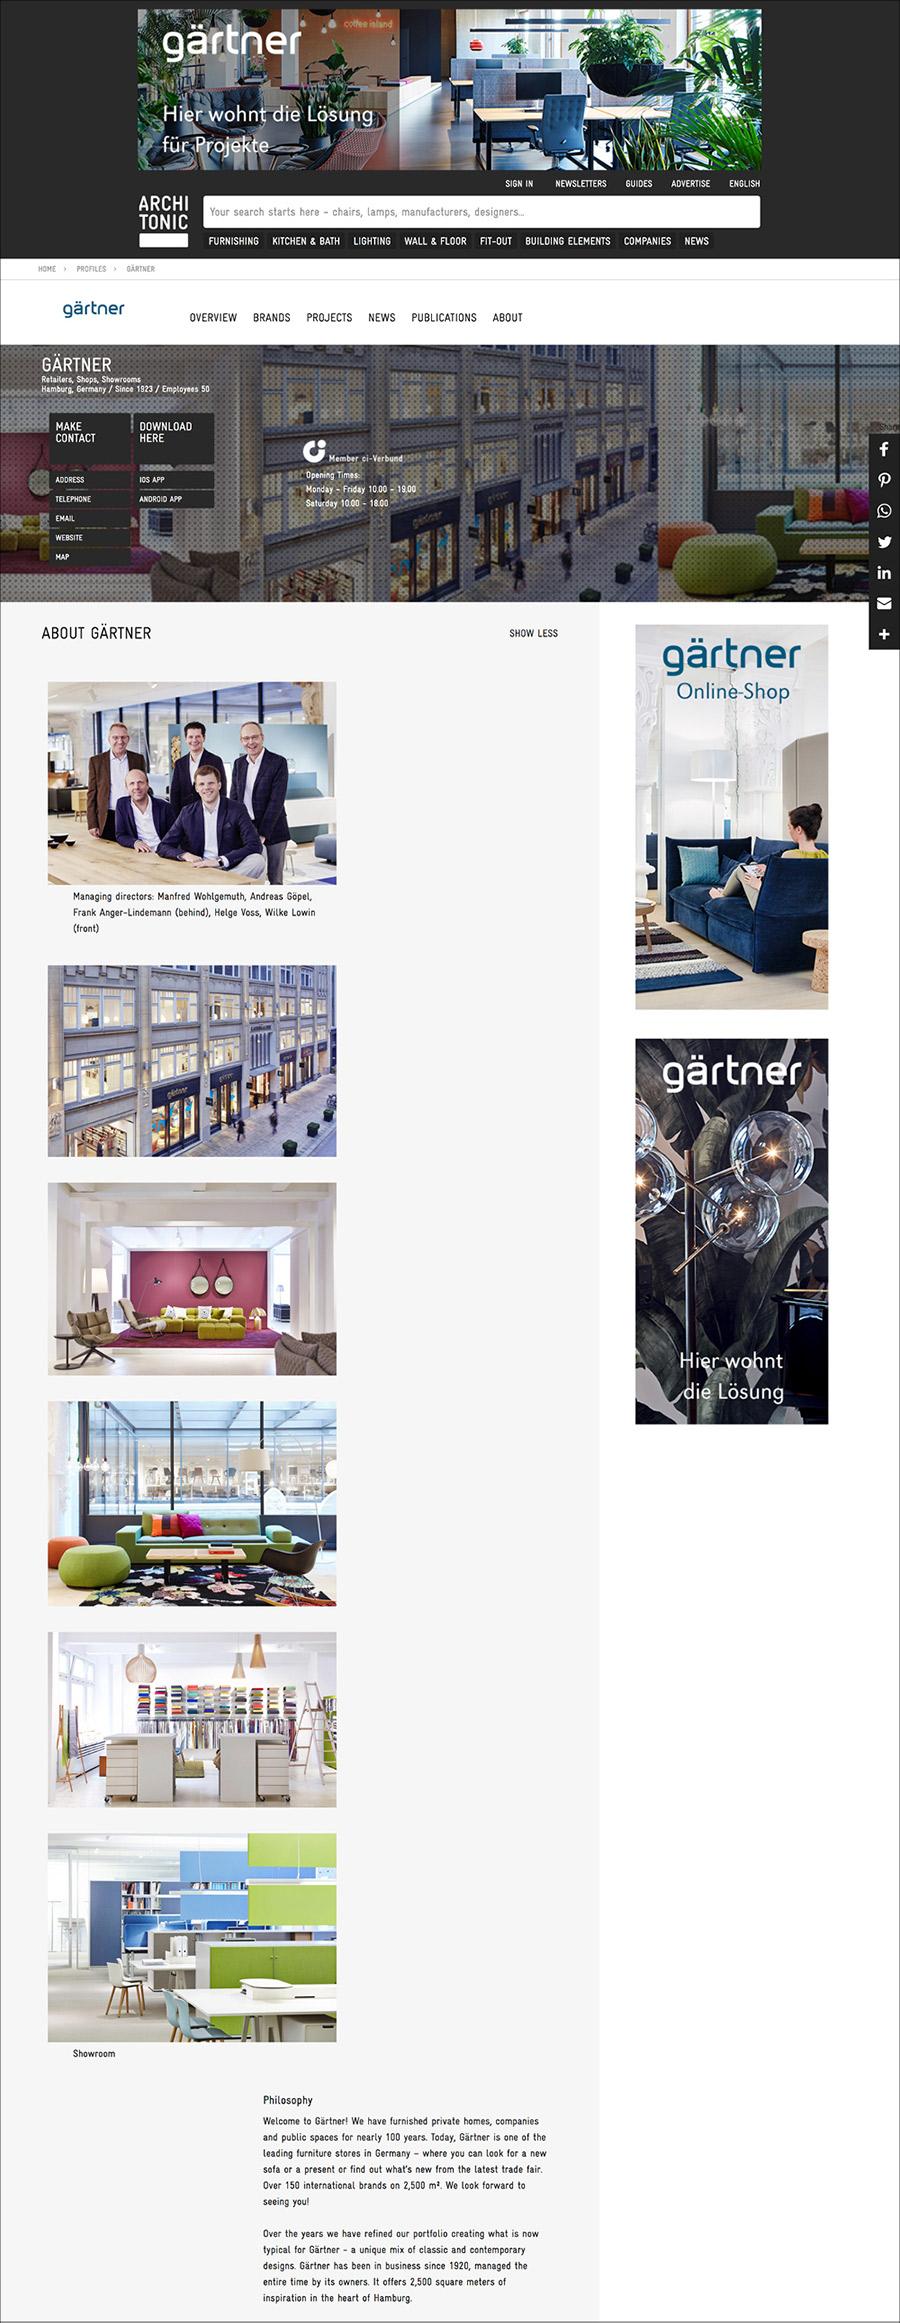 retailers_membership_showroom.jpg